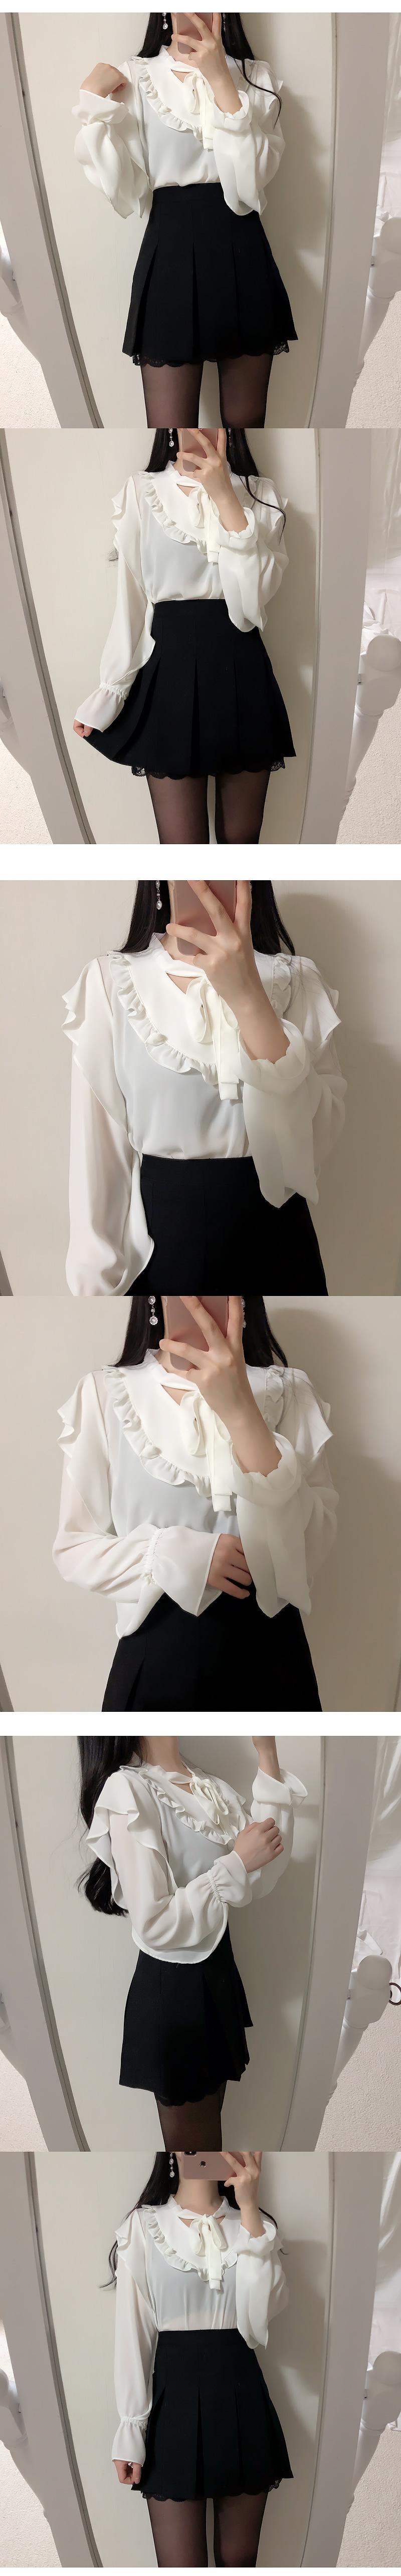 Self-made ♥ Anna chiffon blouse